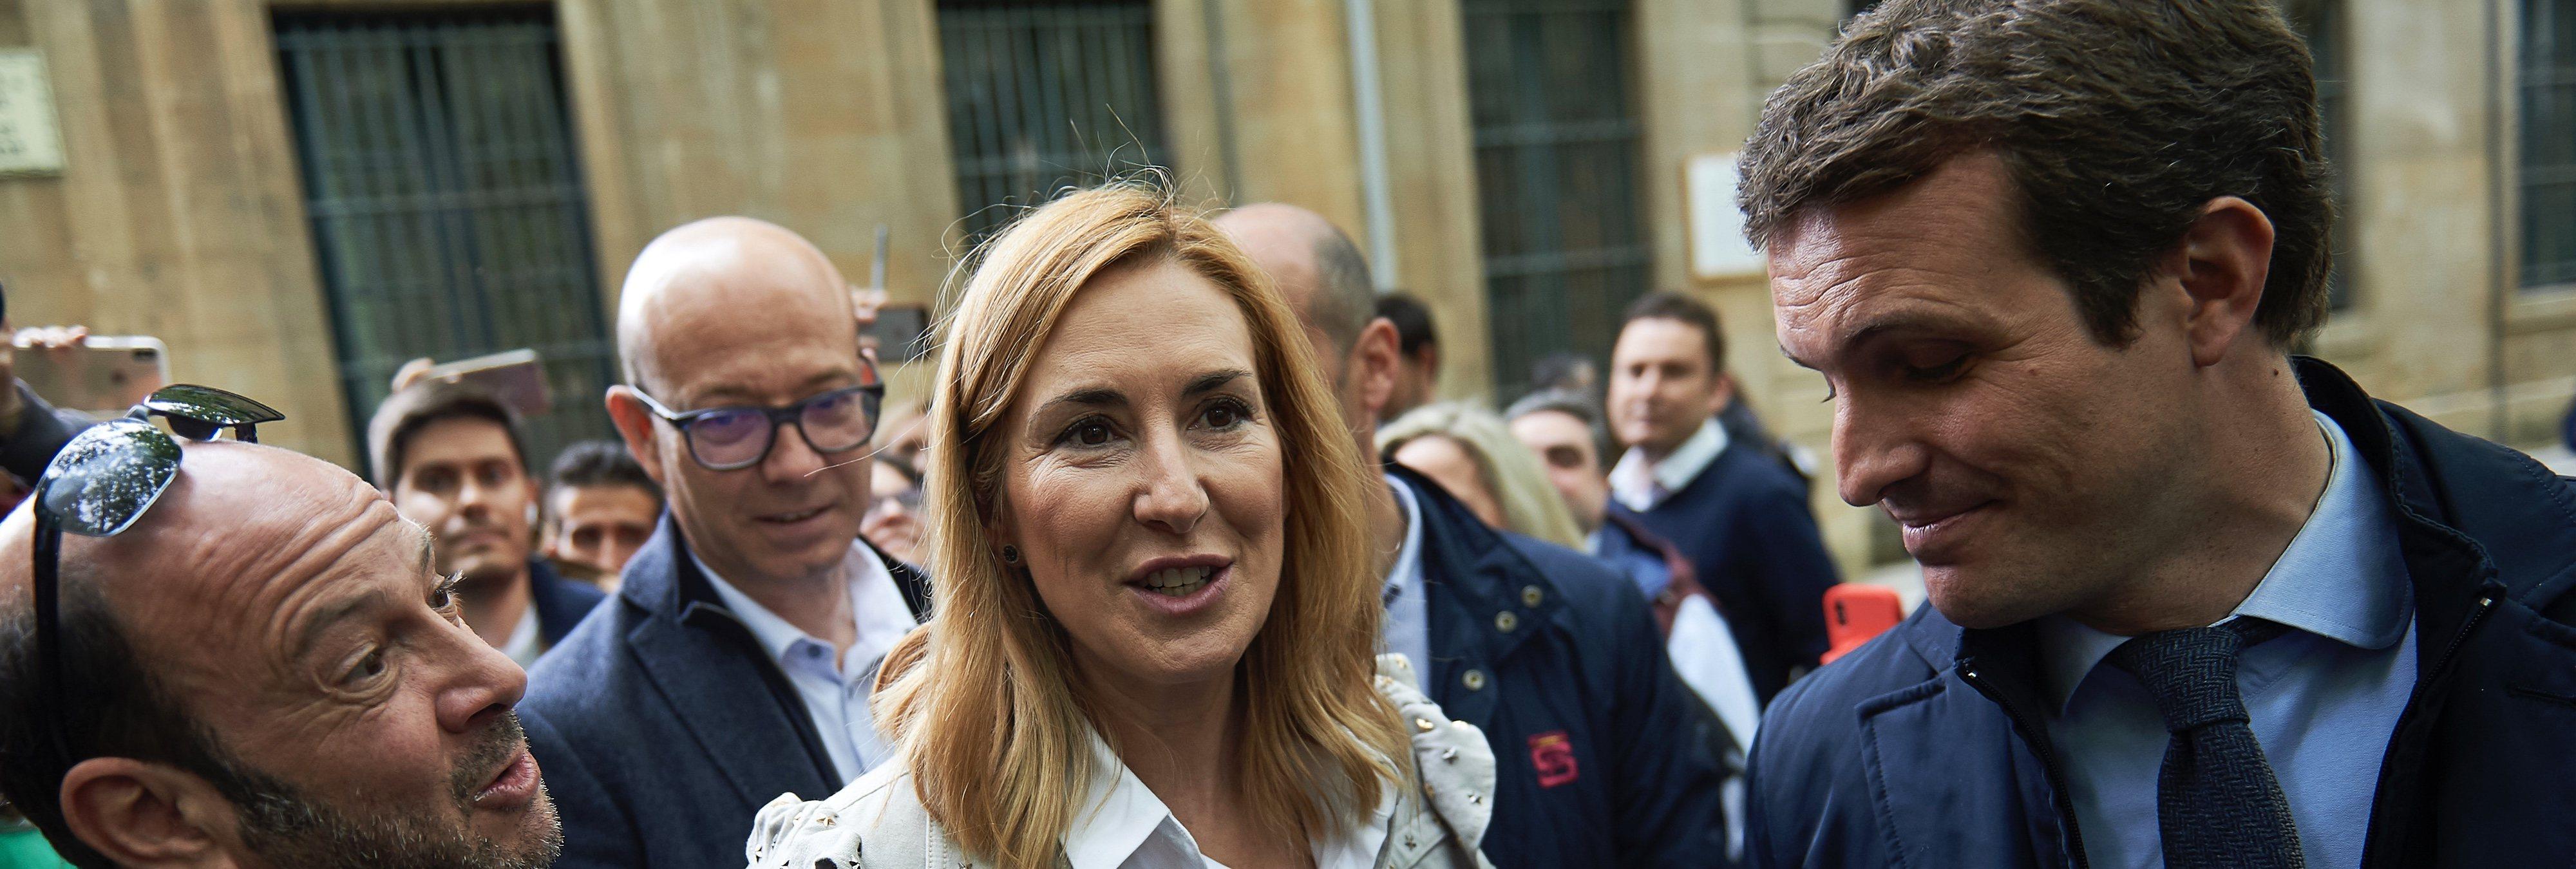 La LGTBIfobia de Ana Beltrán, la número 3 de Casado que quiere una alianza con VOX